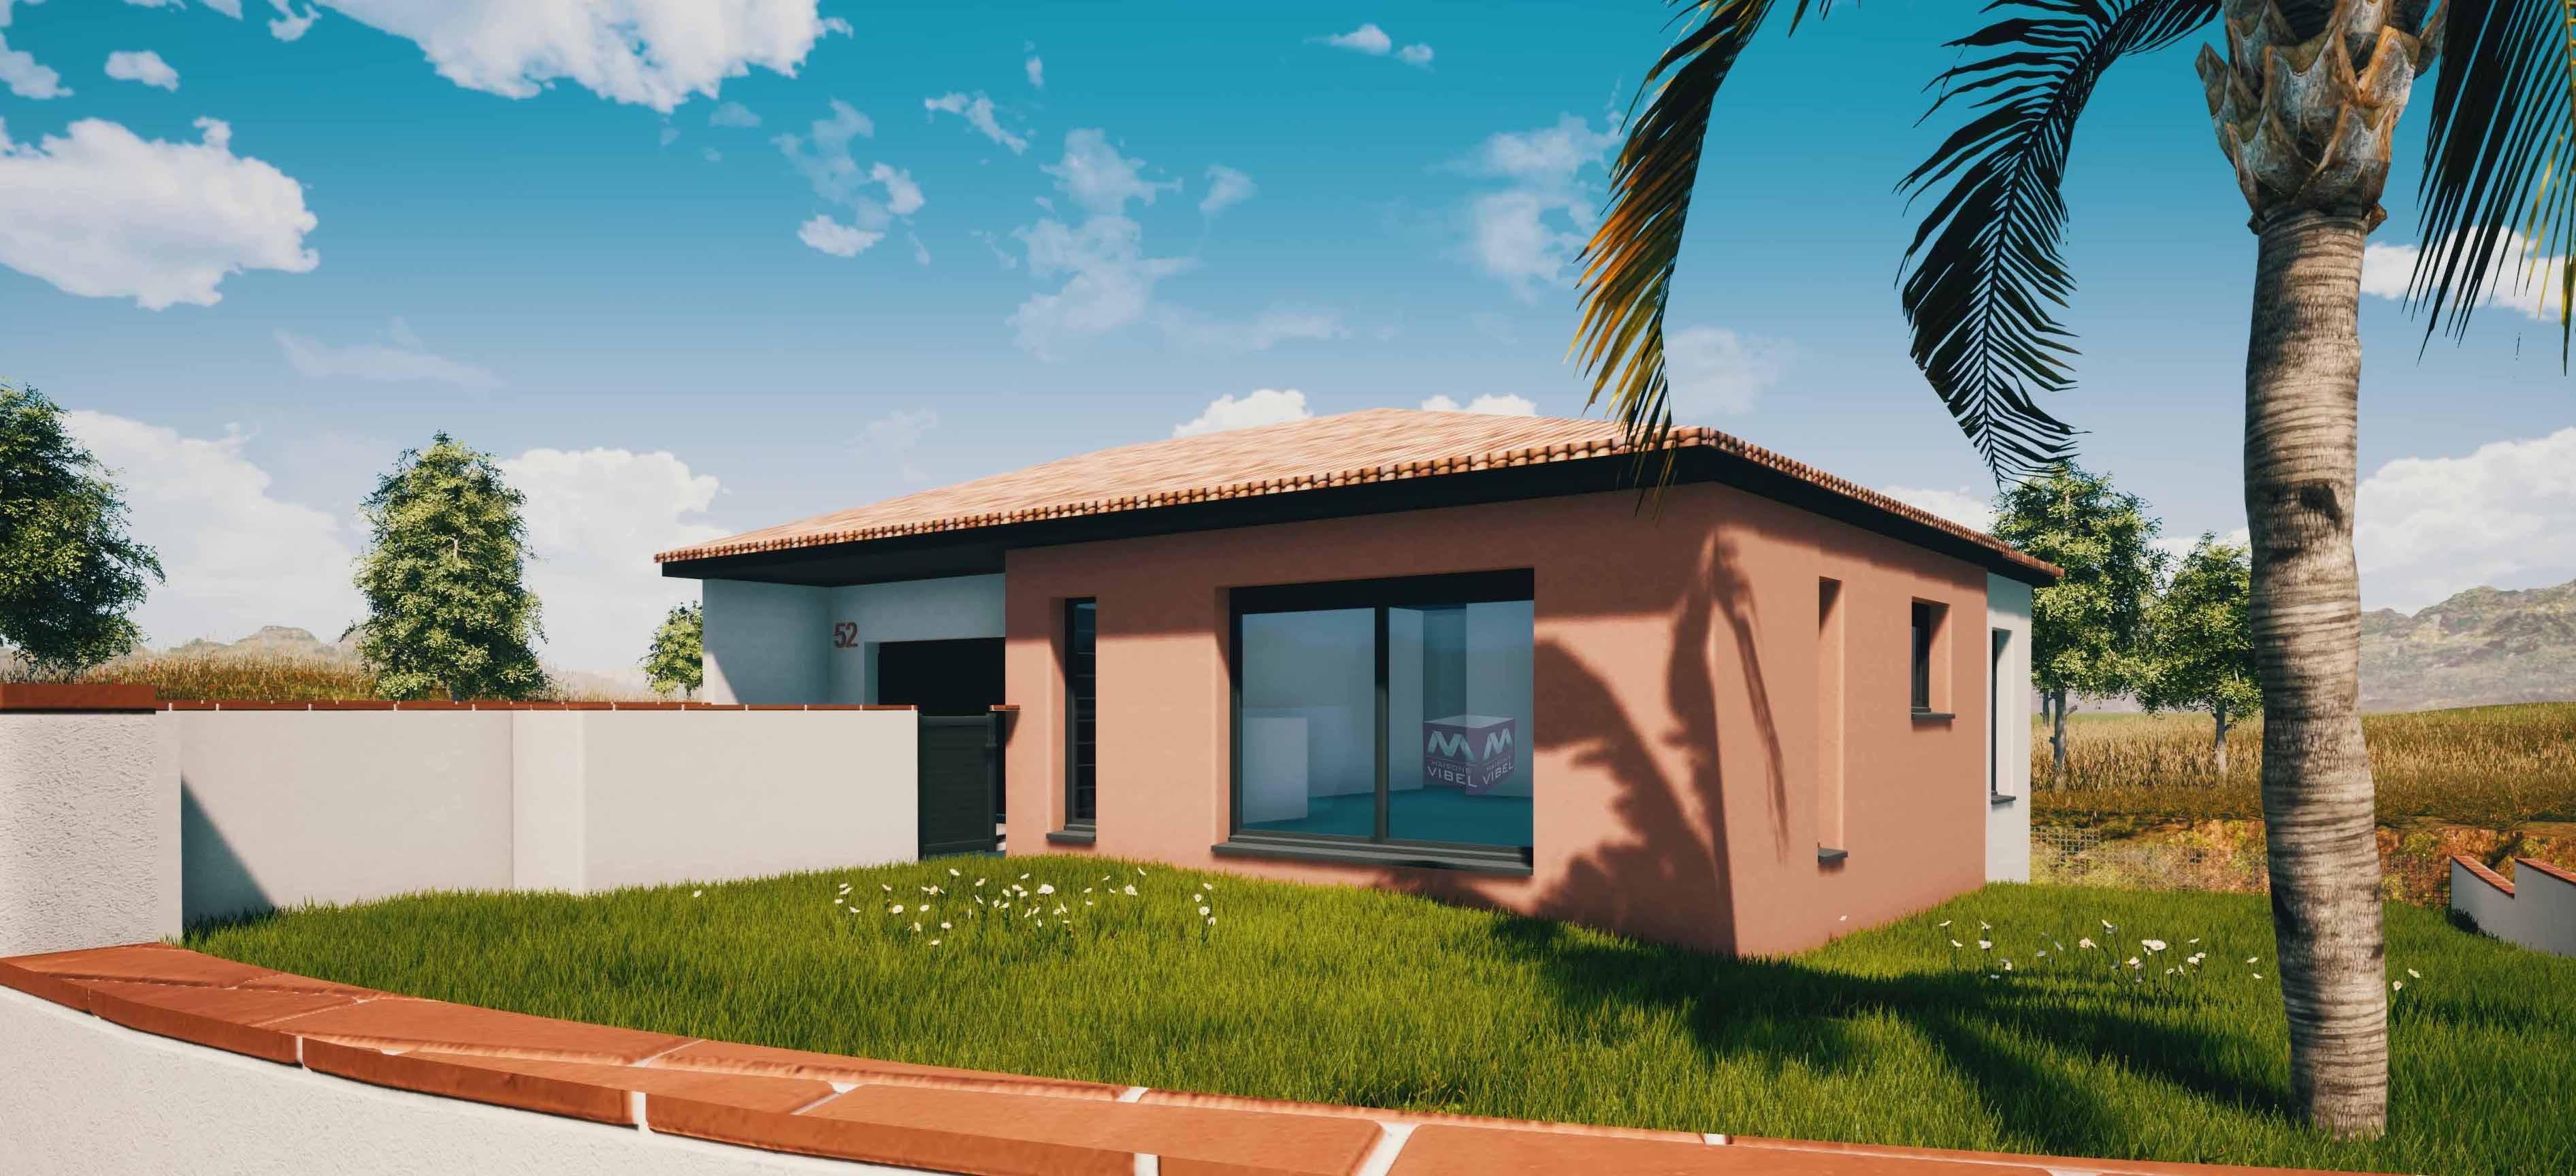 Maisons + Terrains du constructeur MAISONS VIBEL • 78 m² • SALSES LE CHATEAU